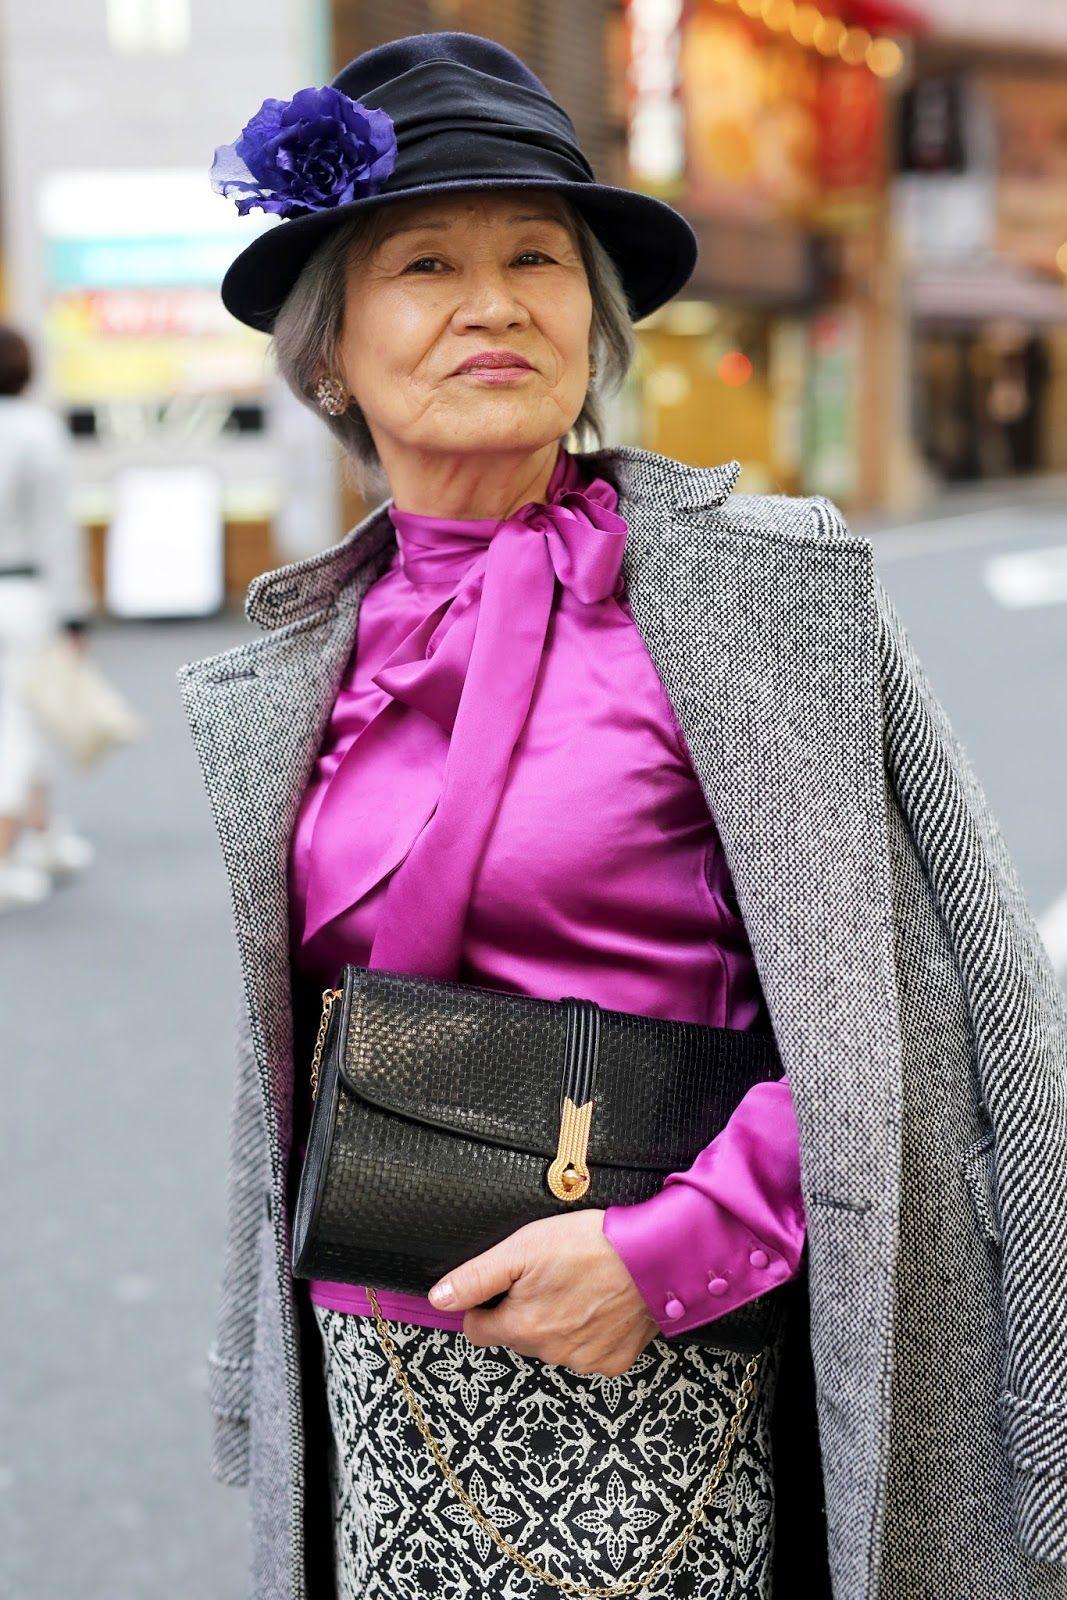 ADVANCED STYLE: Shibuya Style